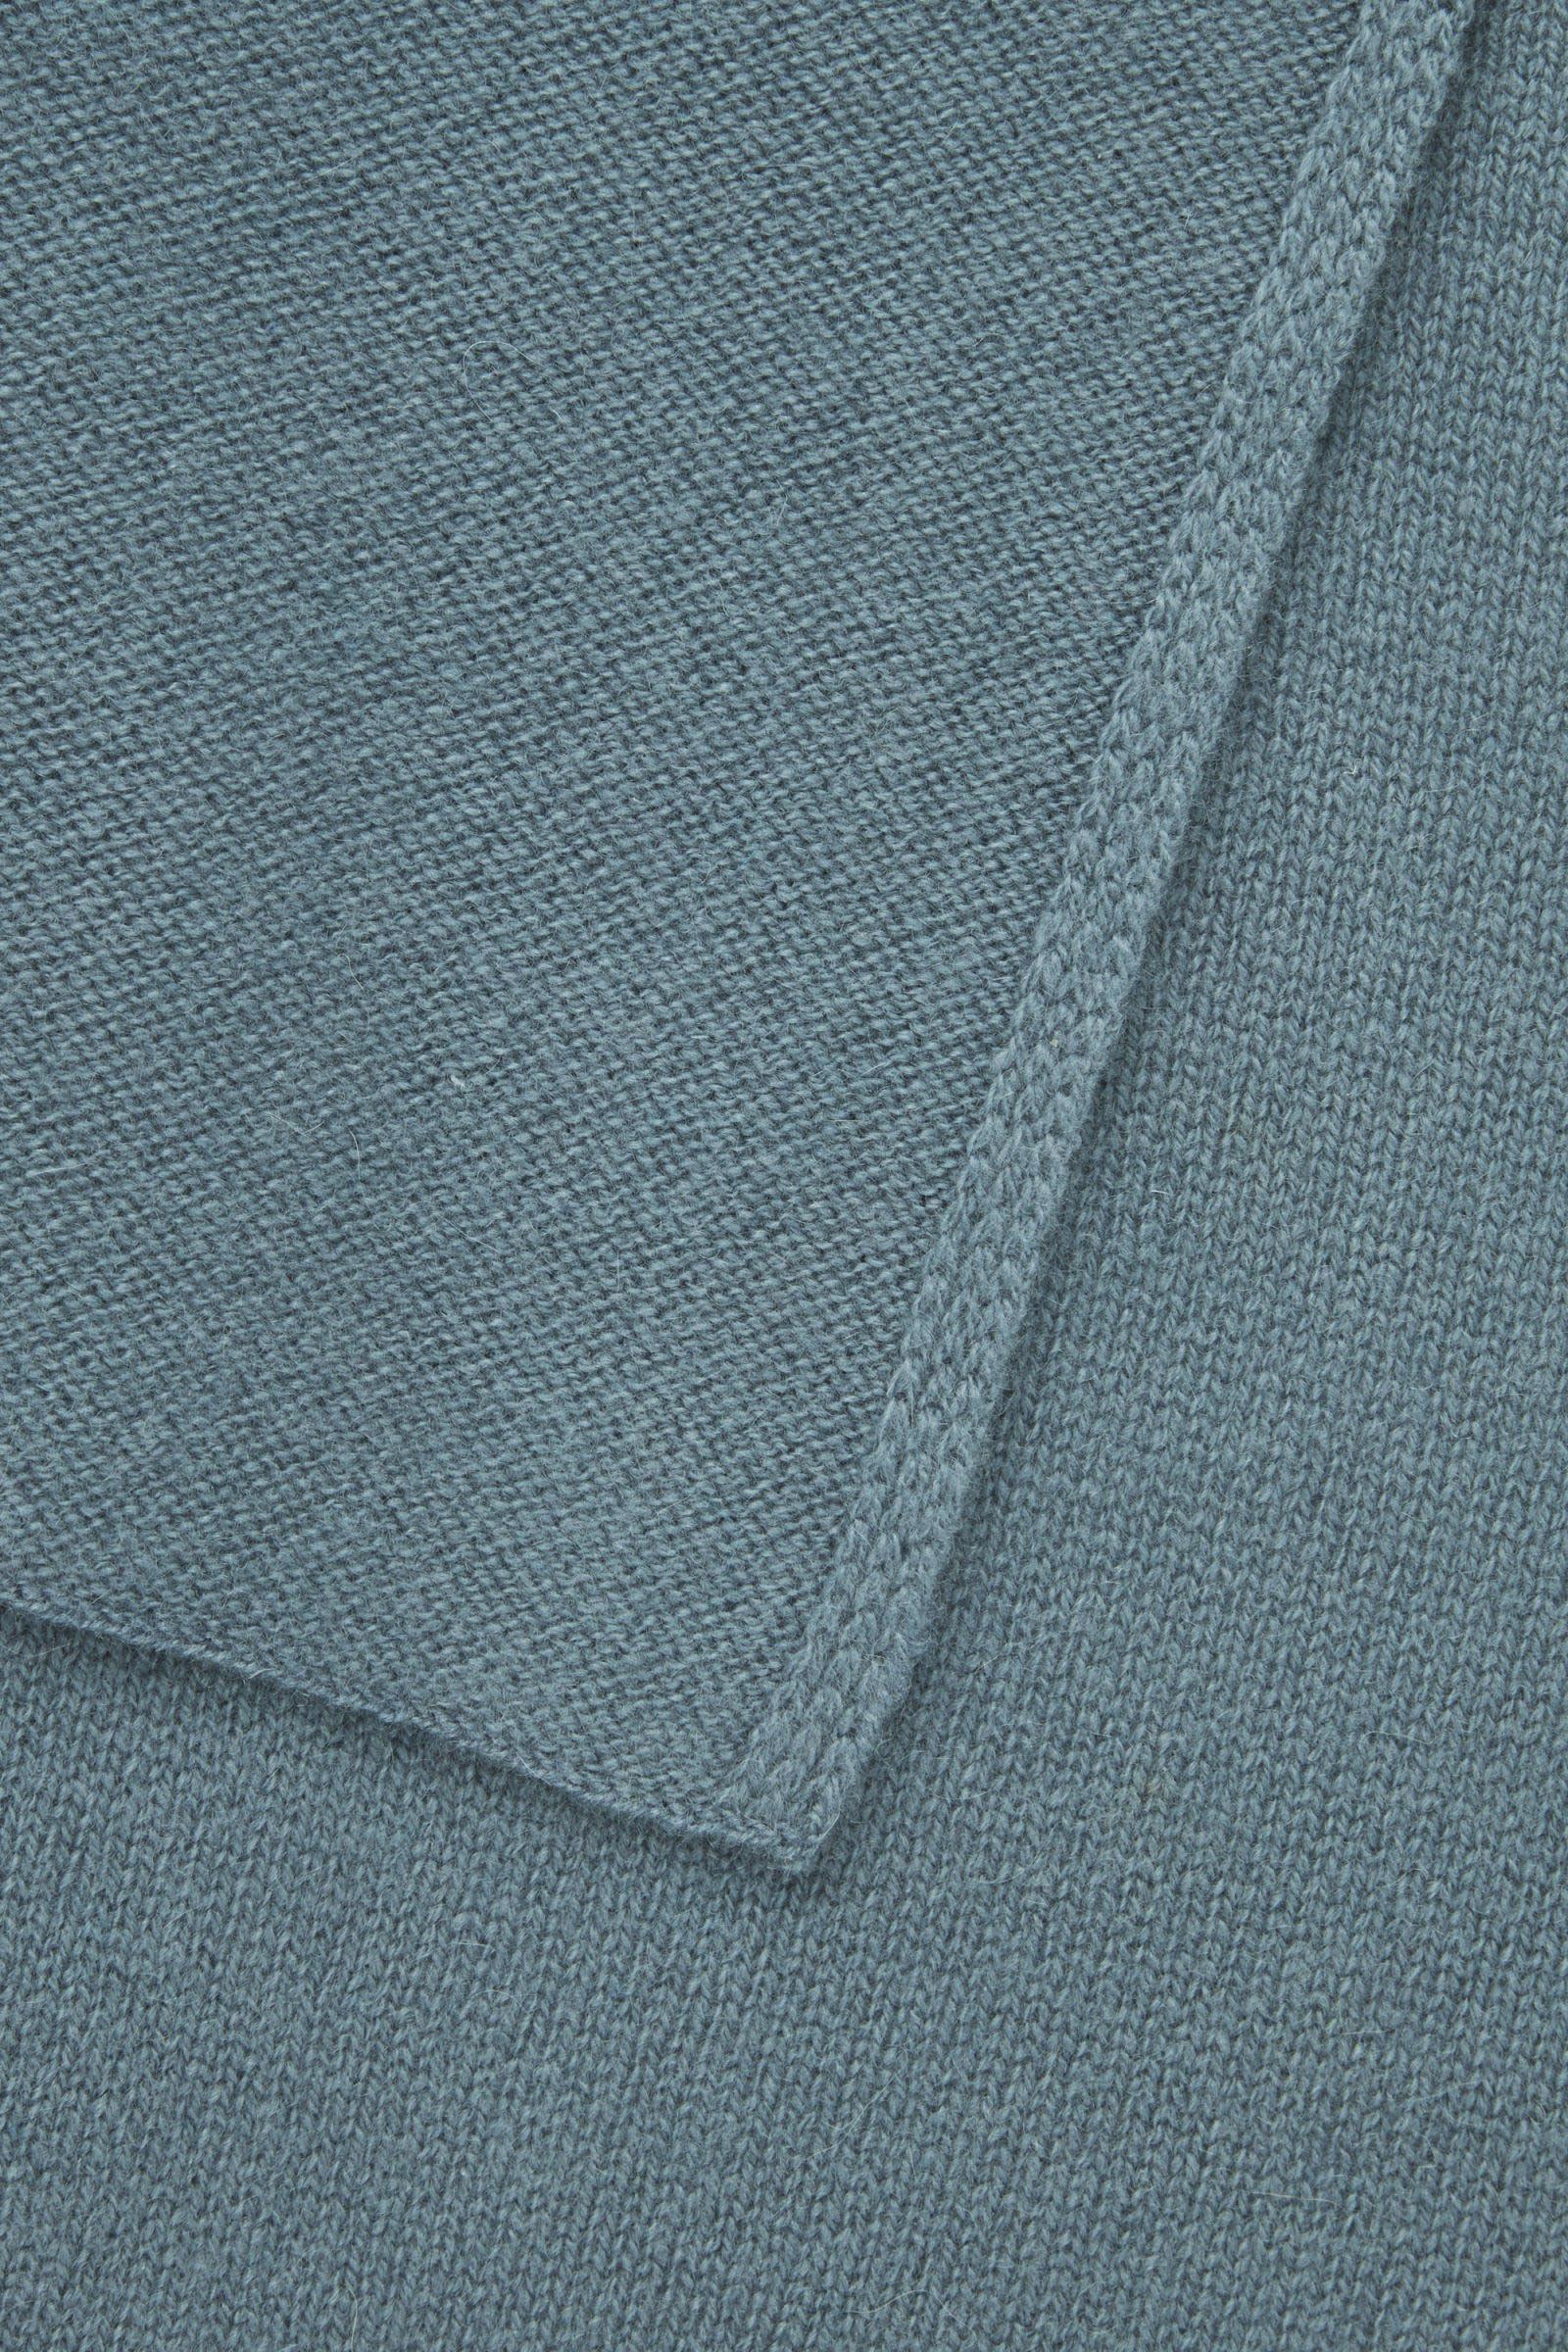 COS 캐시미어 스카프의 스틸 블루컬러 Detail입니다.